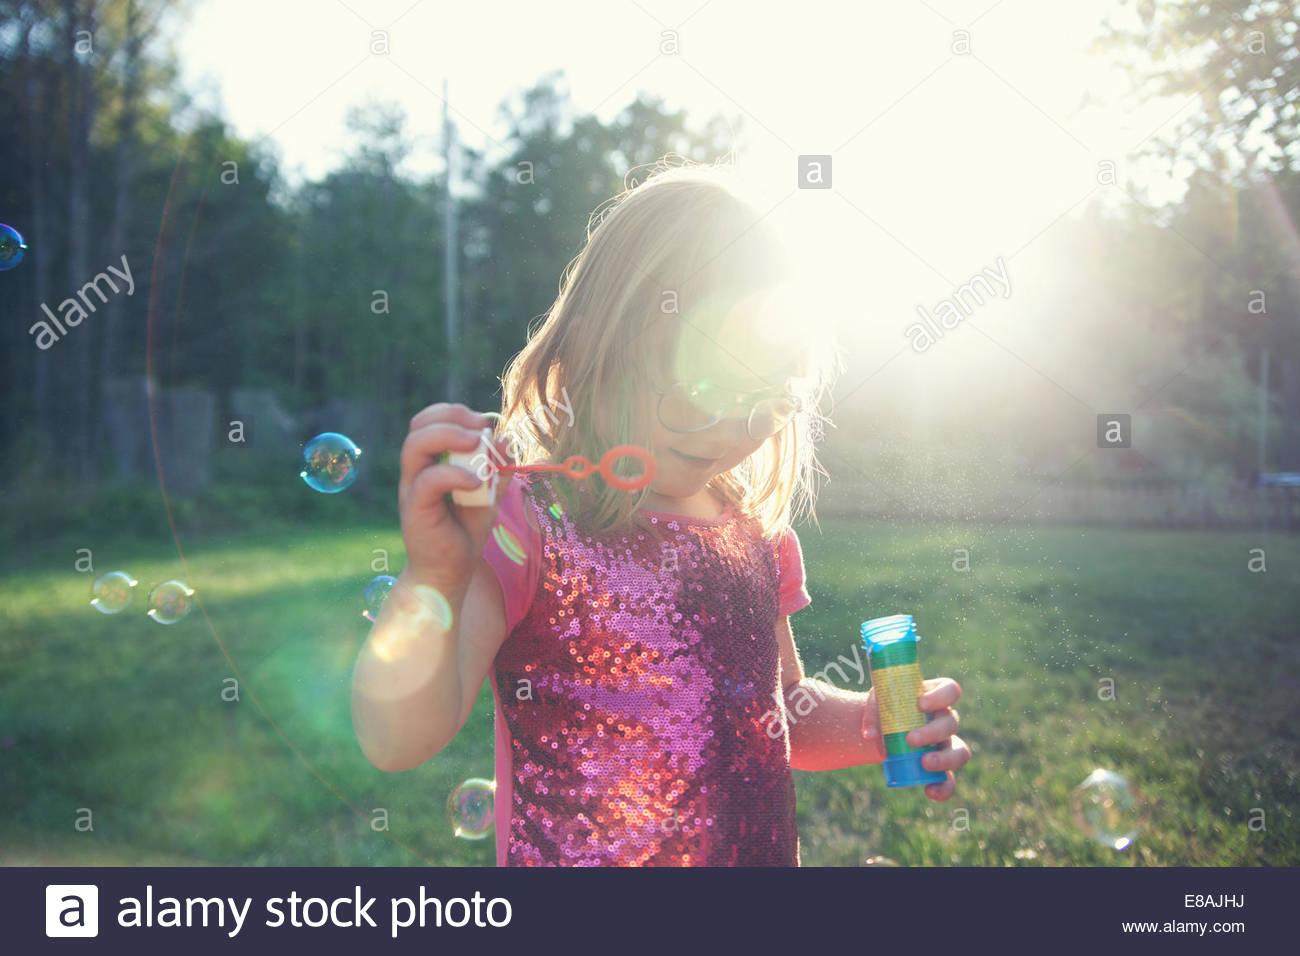 Ragazza a soffiare bolle in giardino Immagini Stock